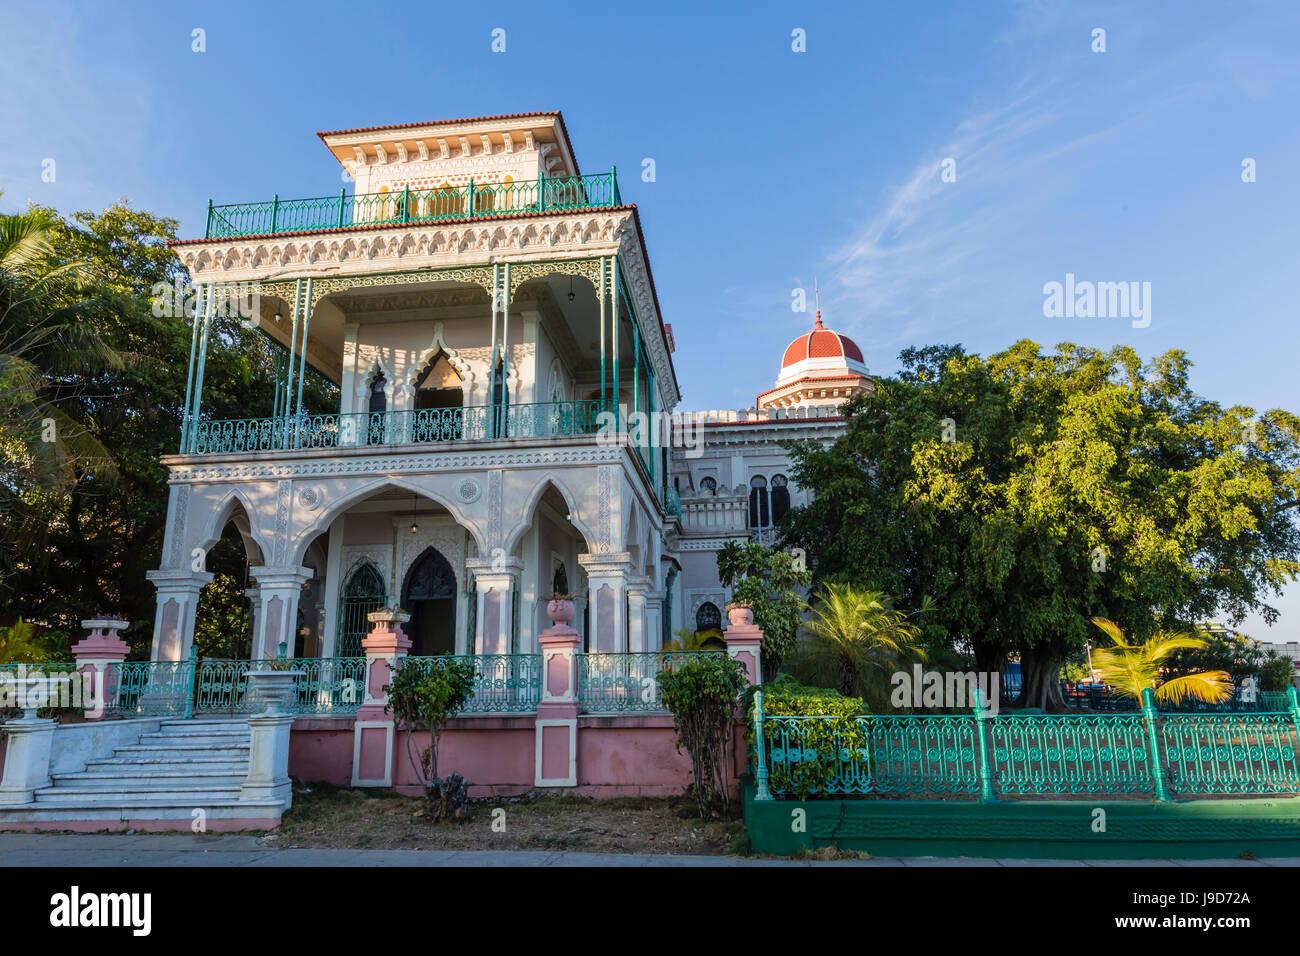 Außenansicht des Palacio de Valle (Valle Palast), Punta Gorda, Cienfuegos, Kuba, Westindische Inseln, Karibik, Stockbild